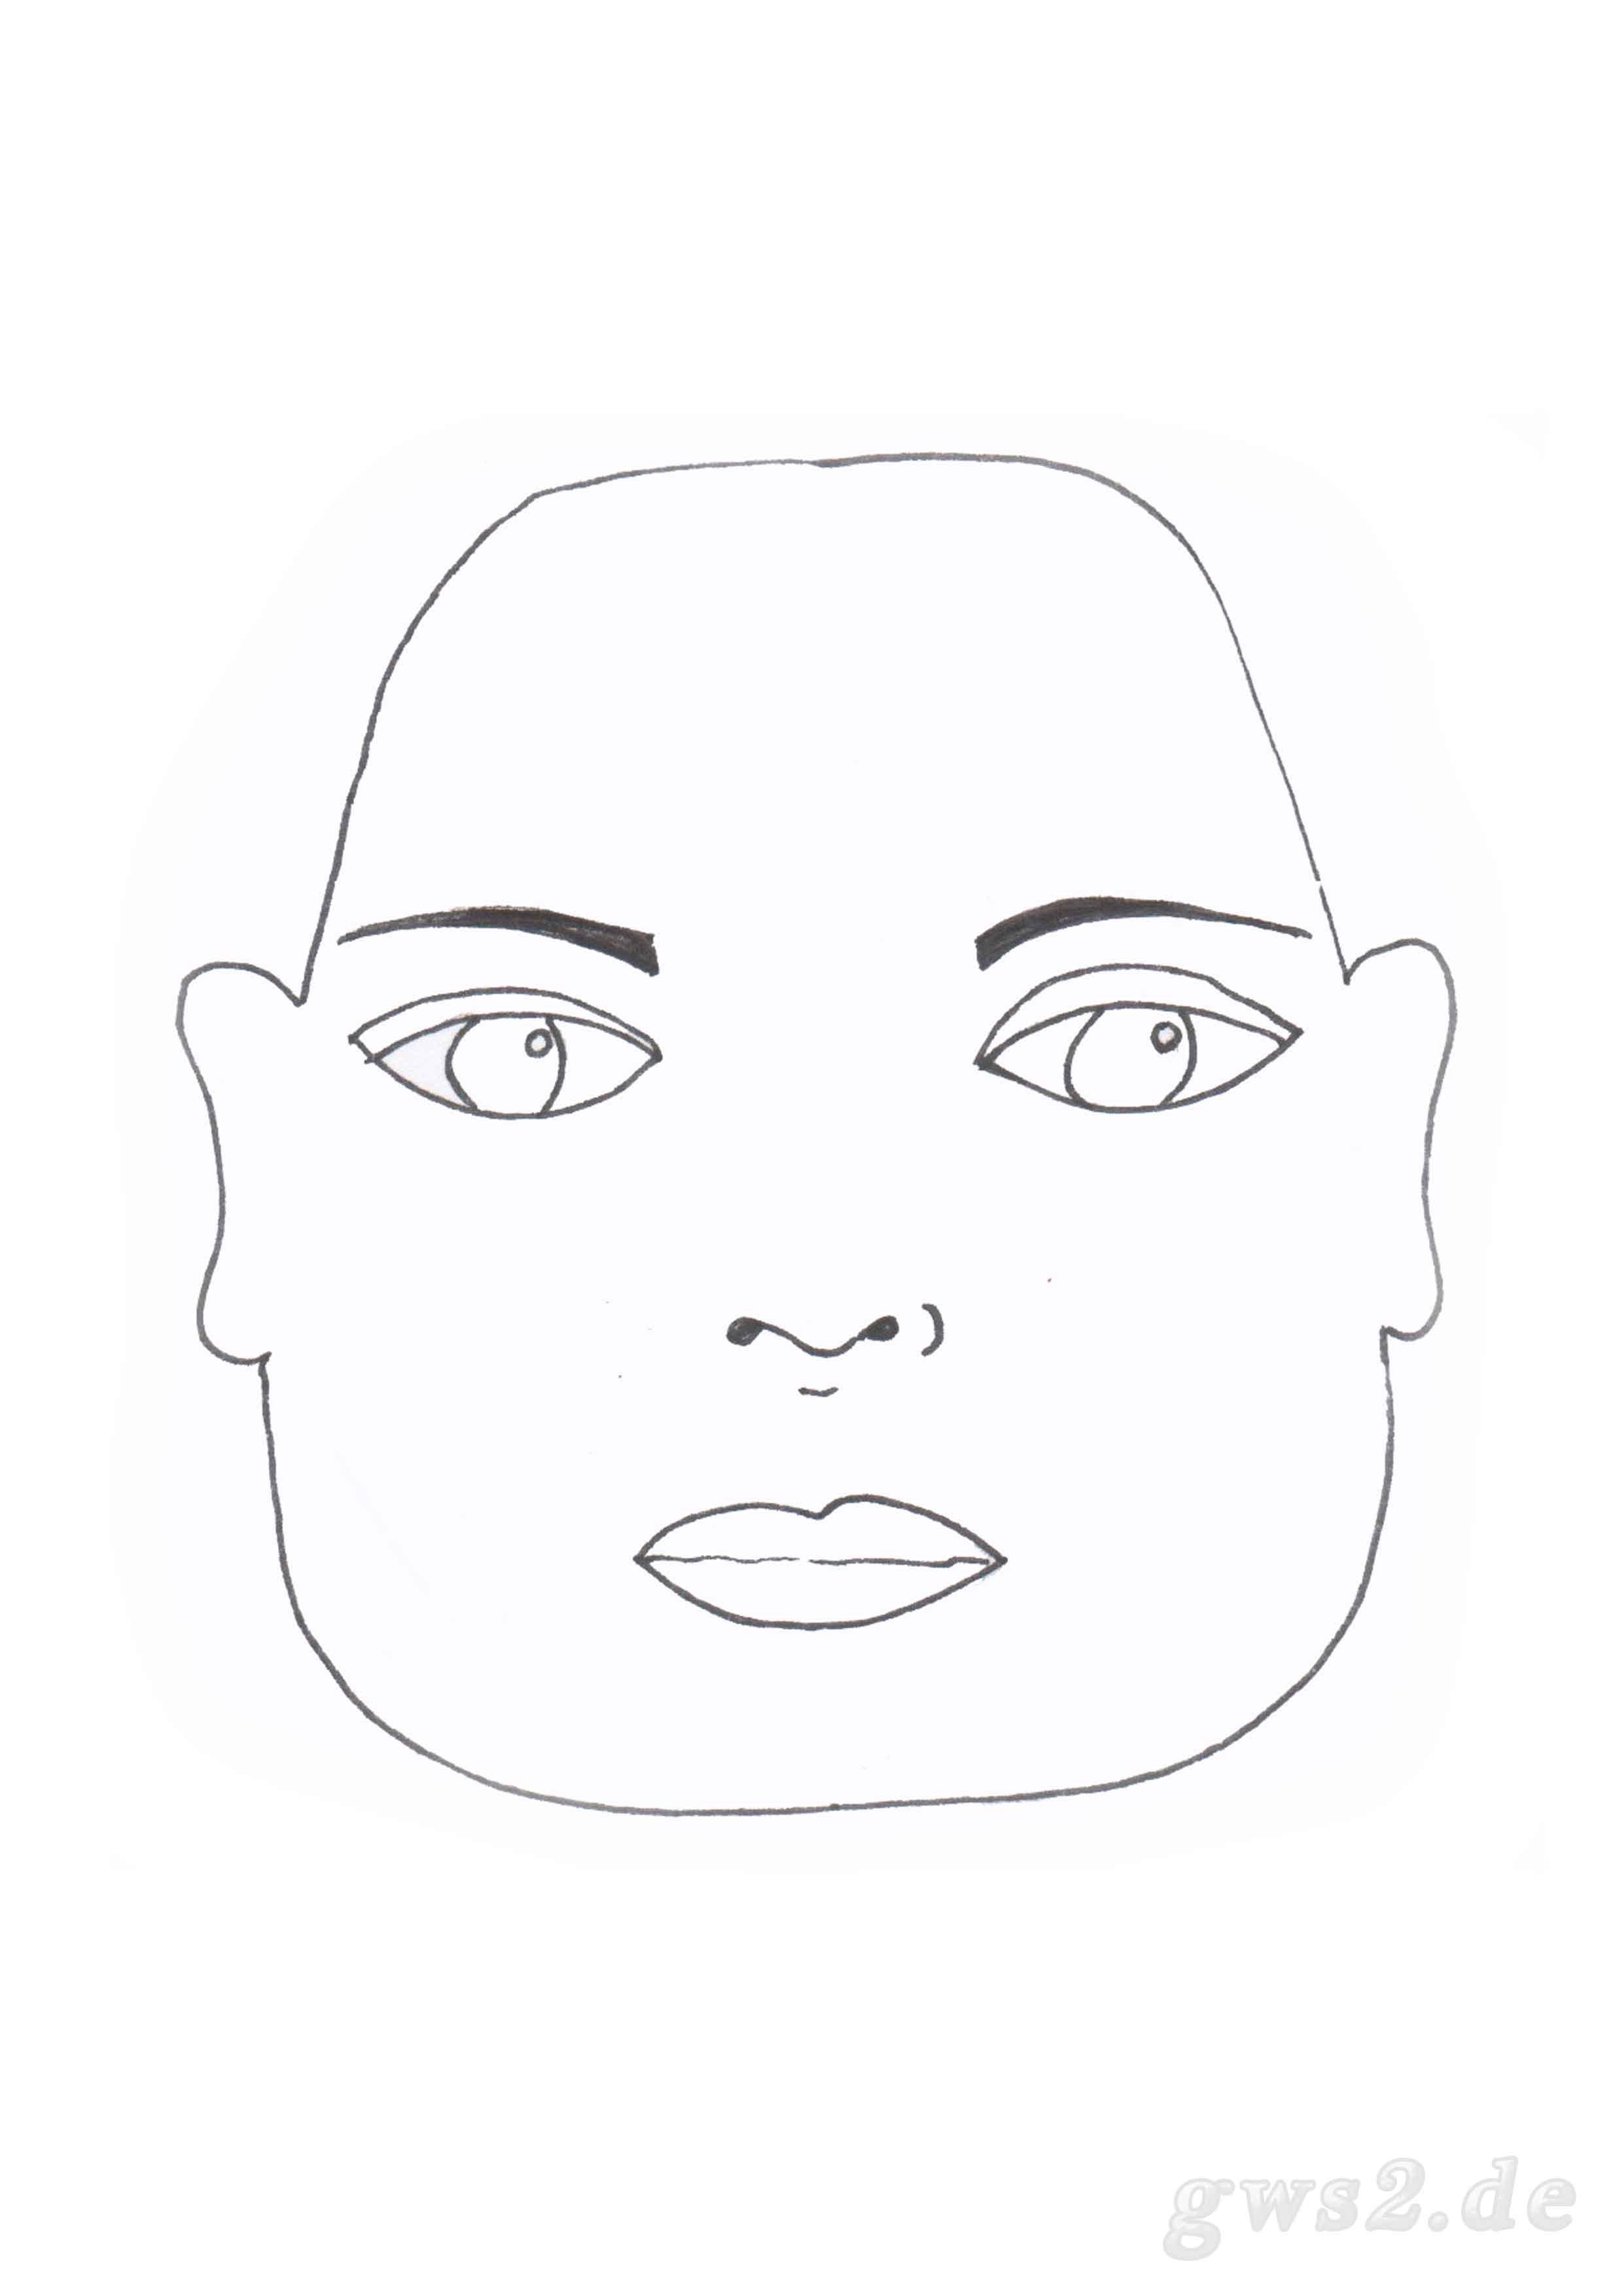 Bild von Schablone für ein Gesichtstrapez